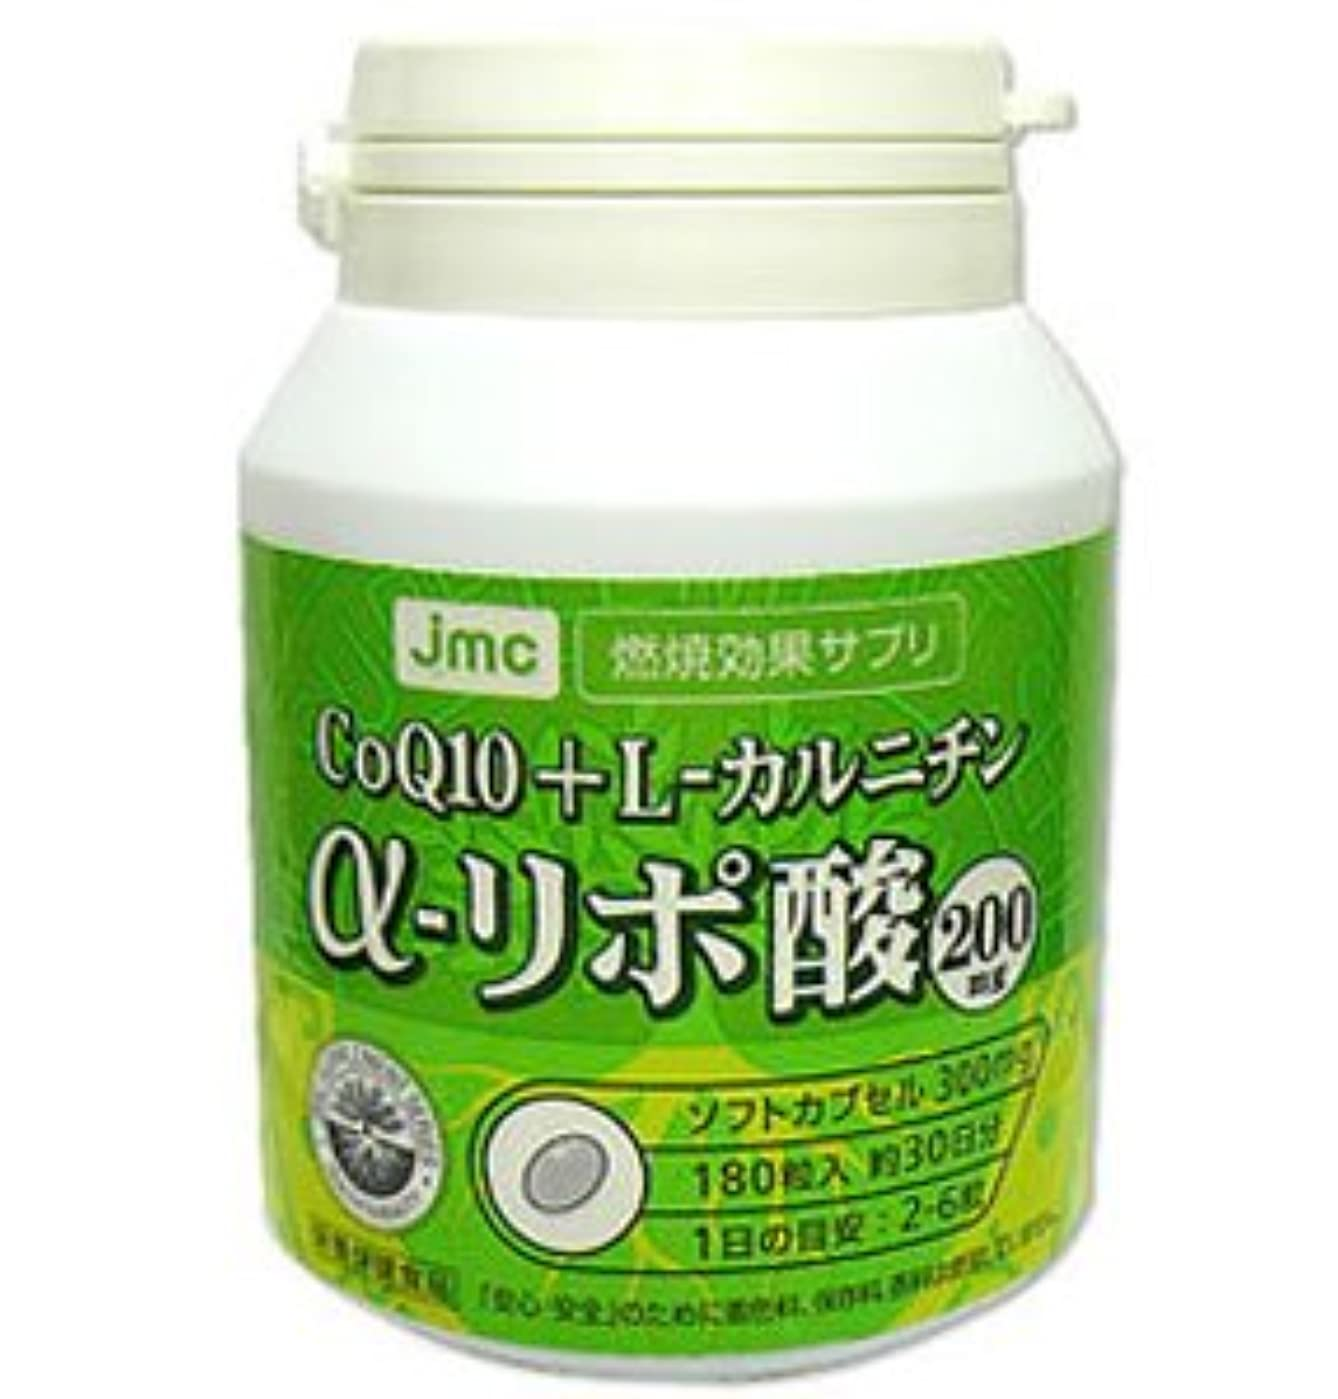 本物のすでに酸α-リポ酸200mg(αリポ酸、COQ10、L-カルニチン、共役リノール酸配合ダイエットサプリ)